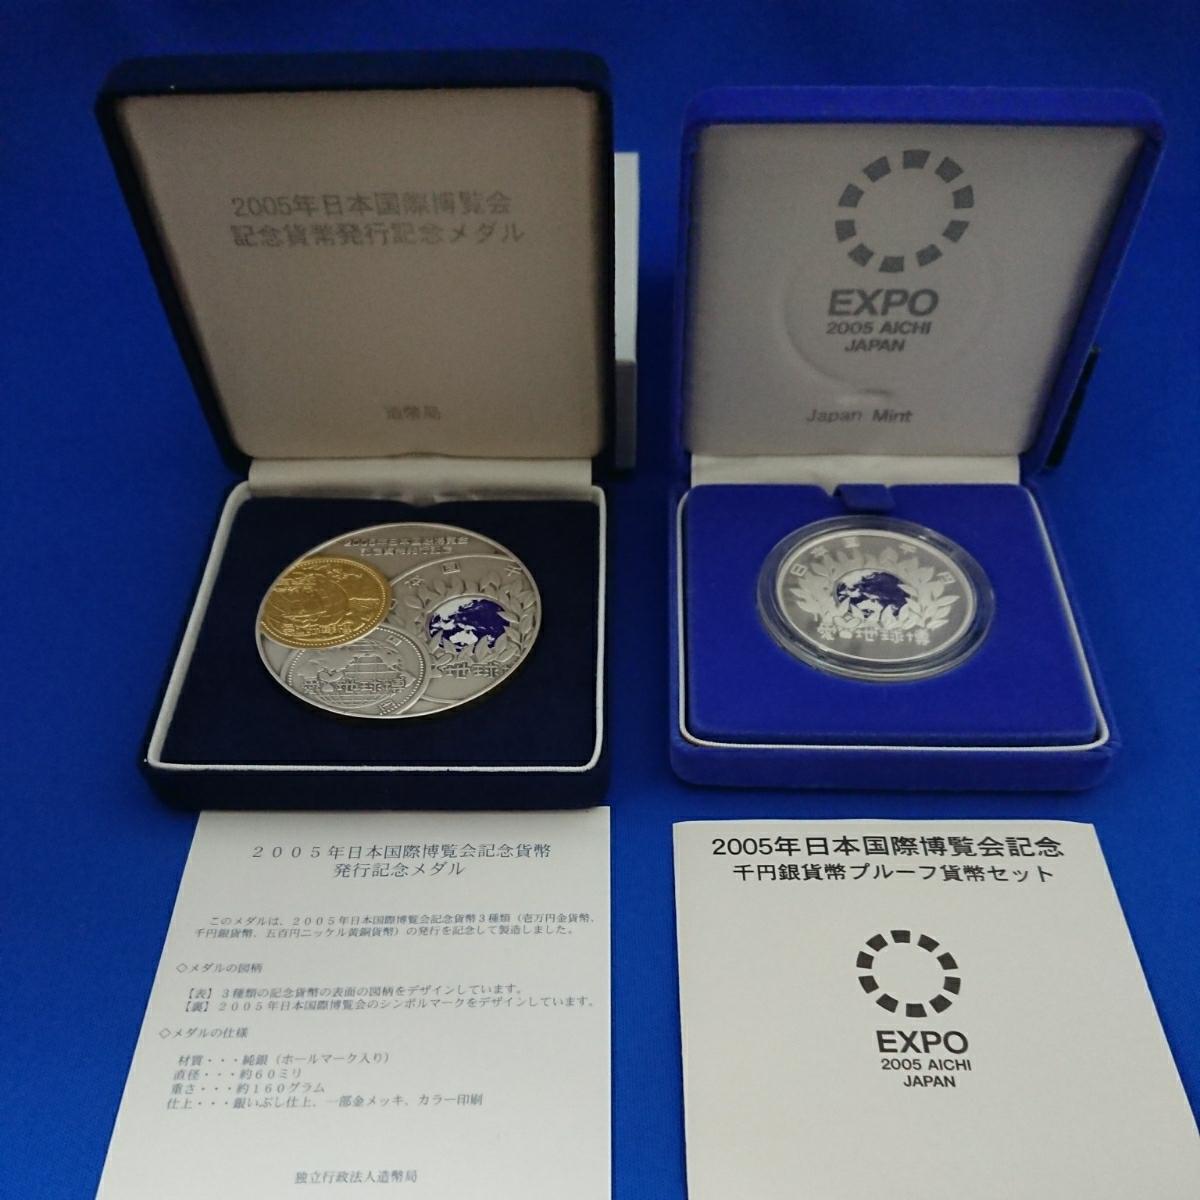 ♪♪♪2005年 愛・地球博  日本国際博覧会 記念貨幣発行記念メダル 千円銀貨幣プルーフ貨幣セット 2つまとめて 純銀 造幣局 ♪♪♪